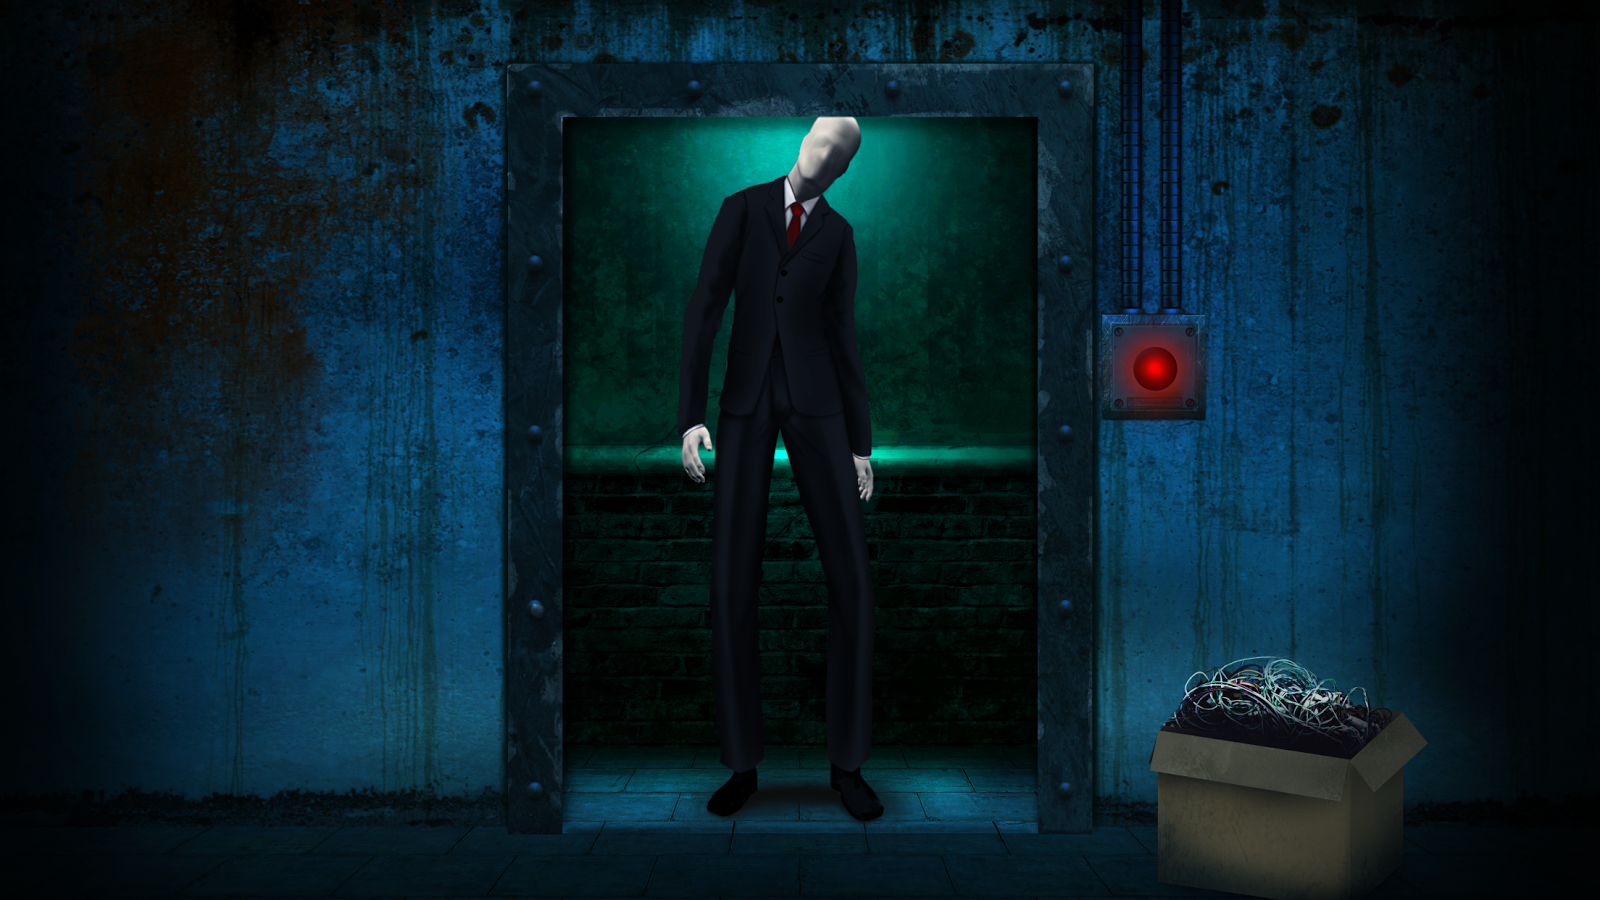 دانلود بازی ترسناک Five Nights at the Asylum v1.1 برای اندروید